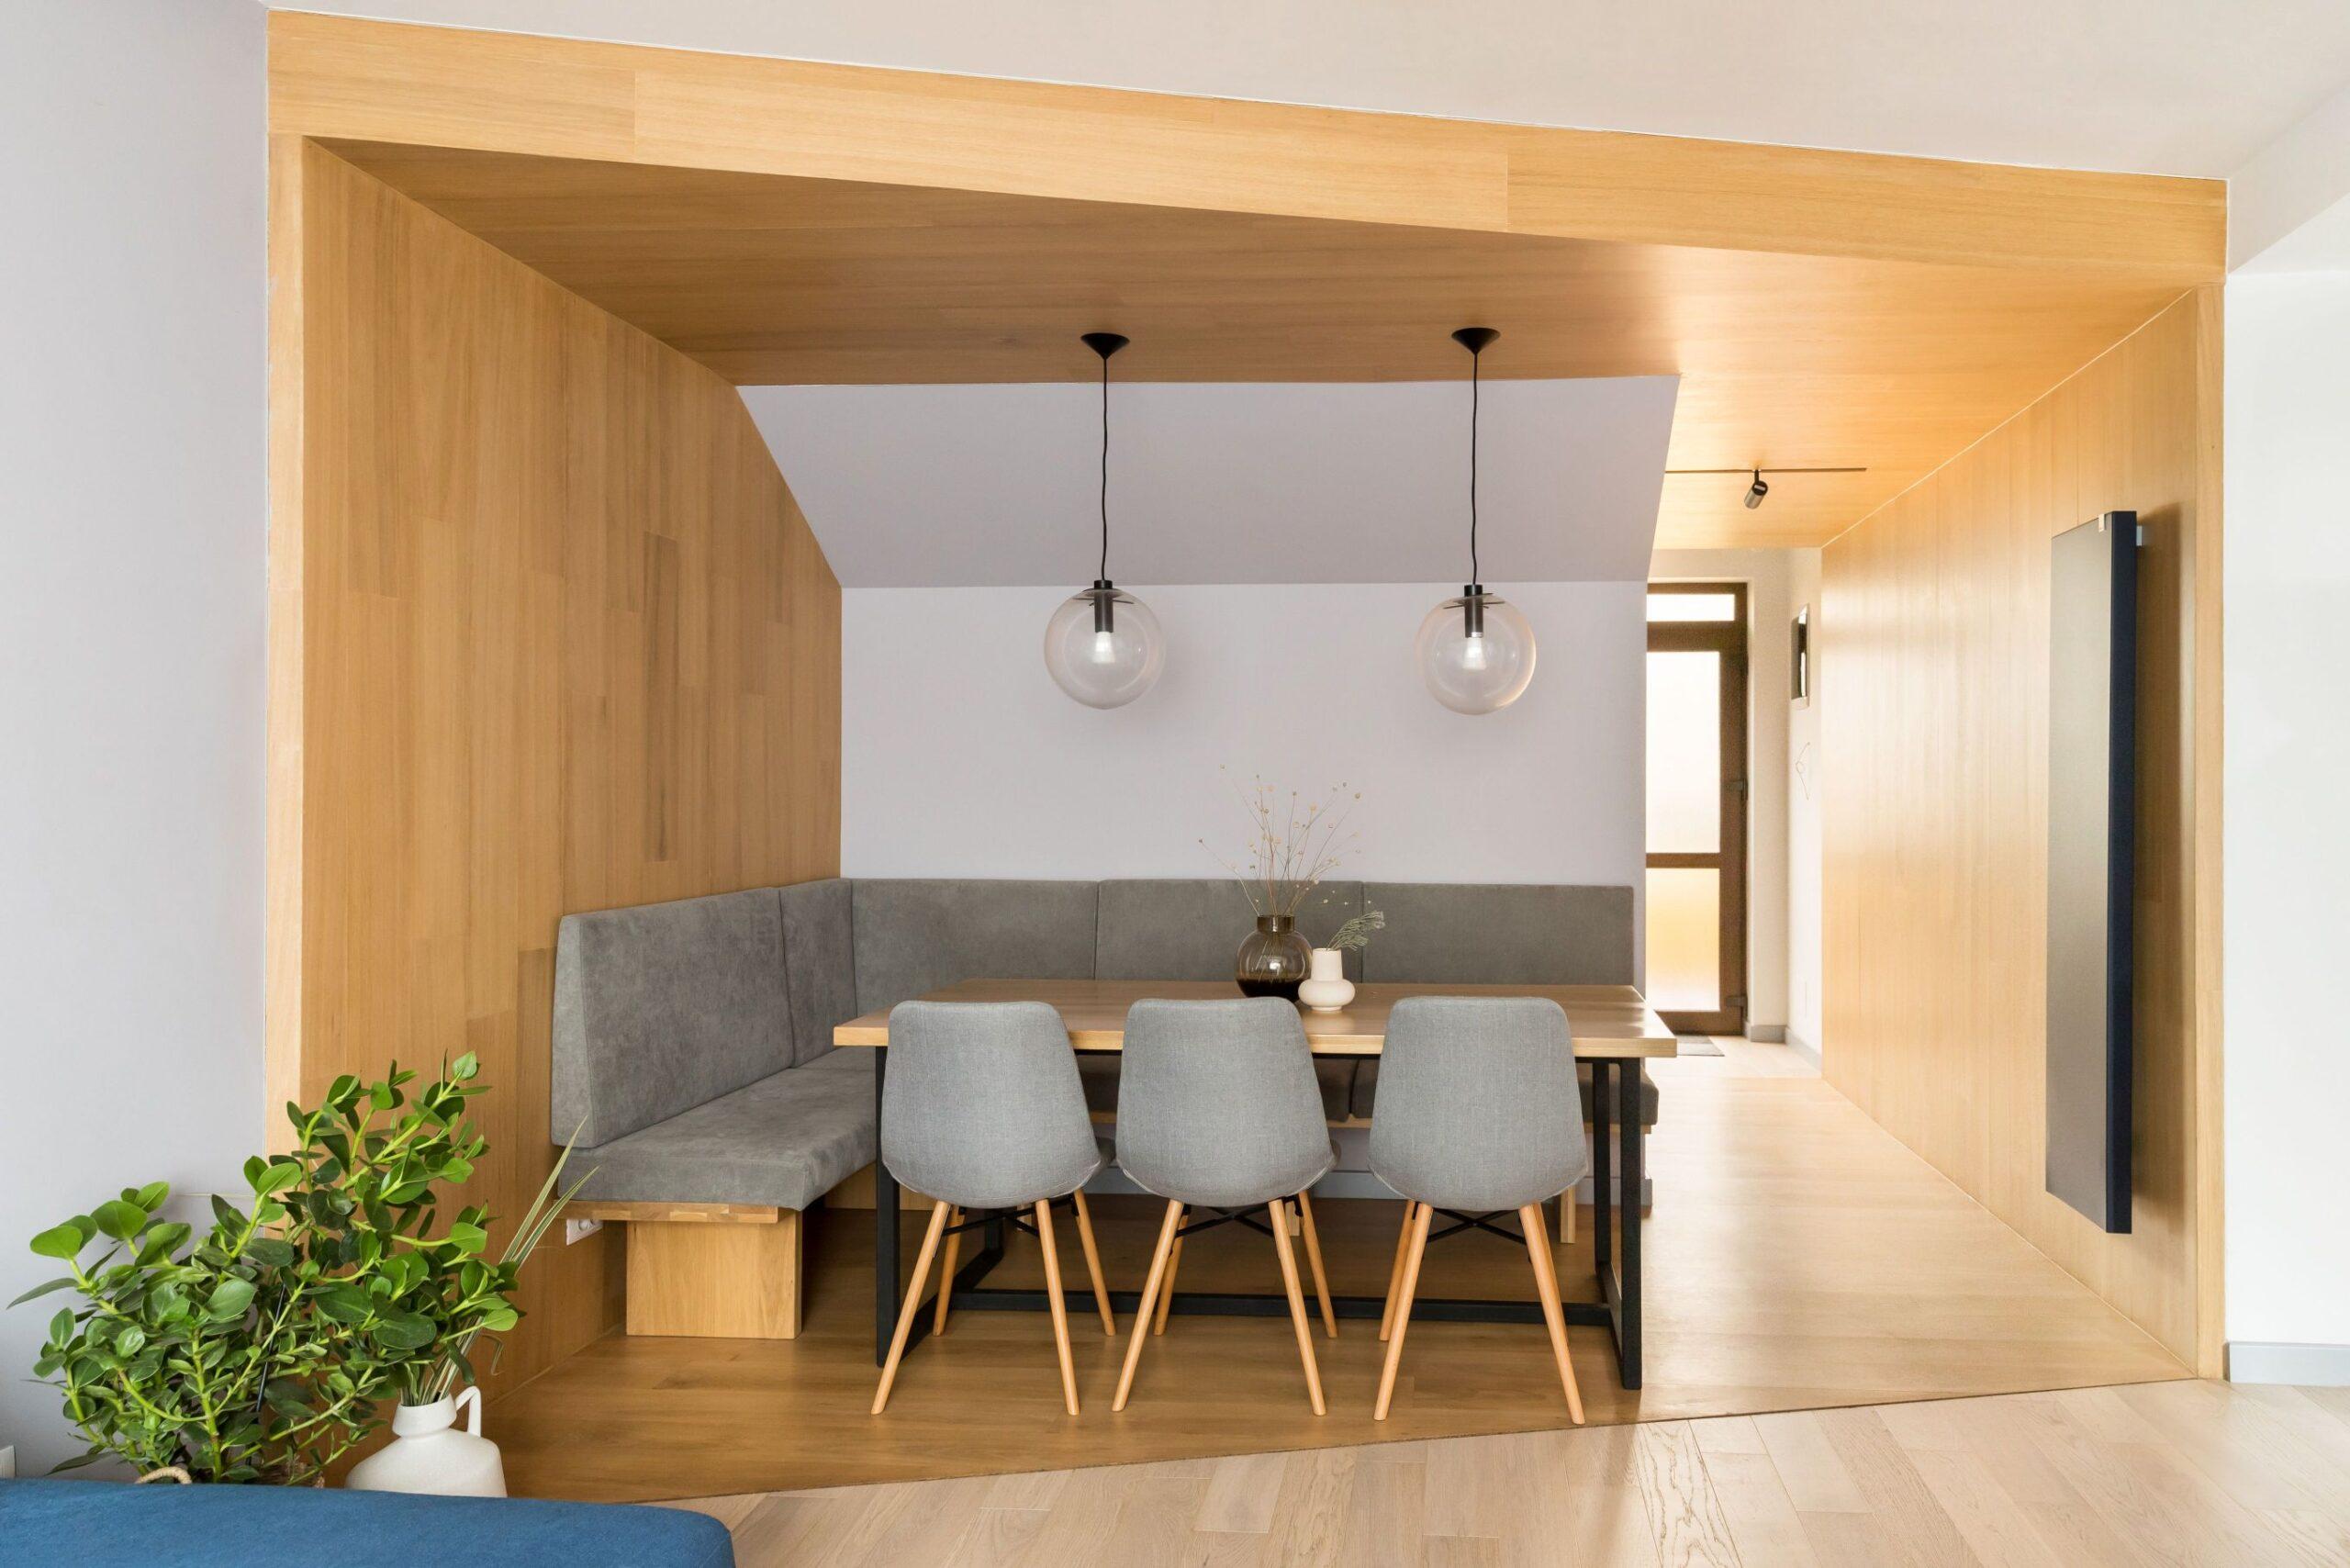 in amenejarea casei de la Otopeni elementul principal este monoblocul din lemn de stejar care decupeaza spatiul de luat masa si holul de la intrare de restul spatiului.